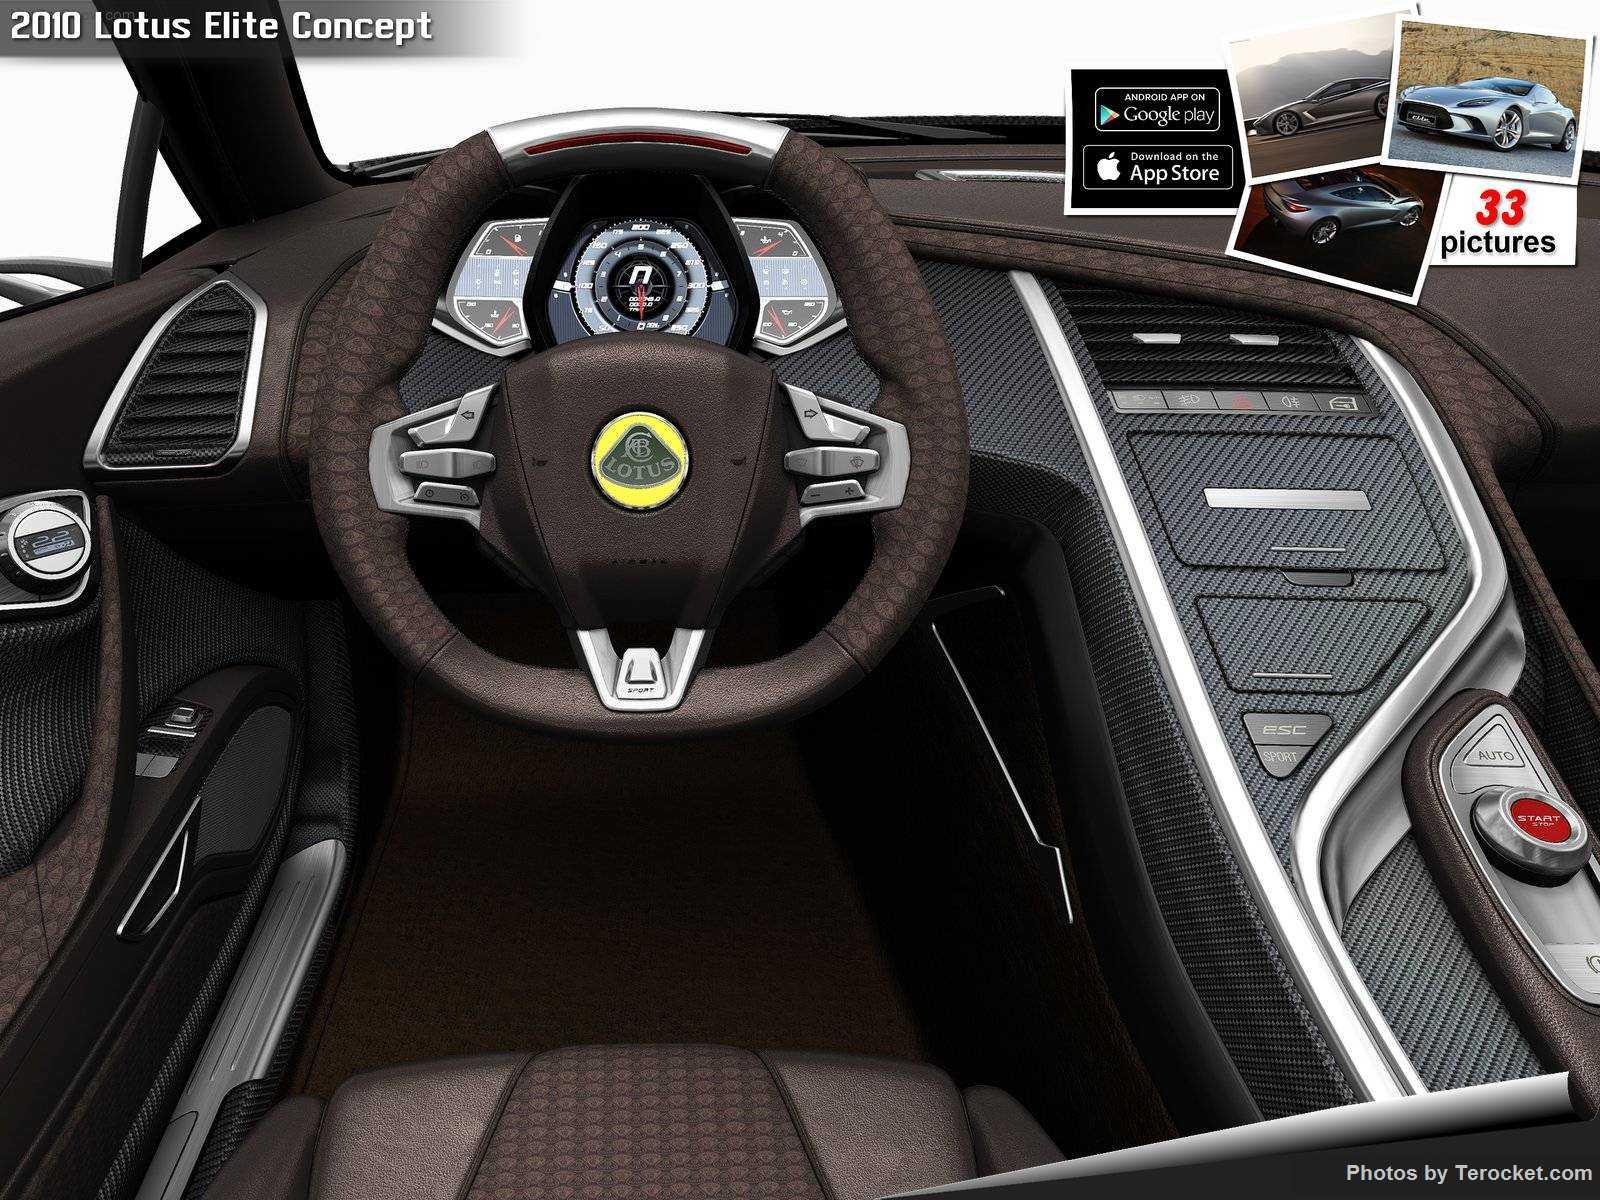 Hình ảnh siêu xe Lotus Elite Concept 2010 & nội ngoại thất